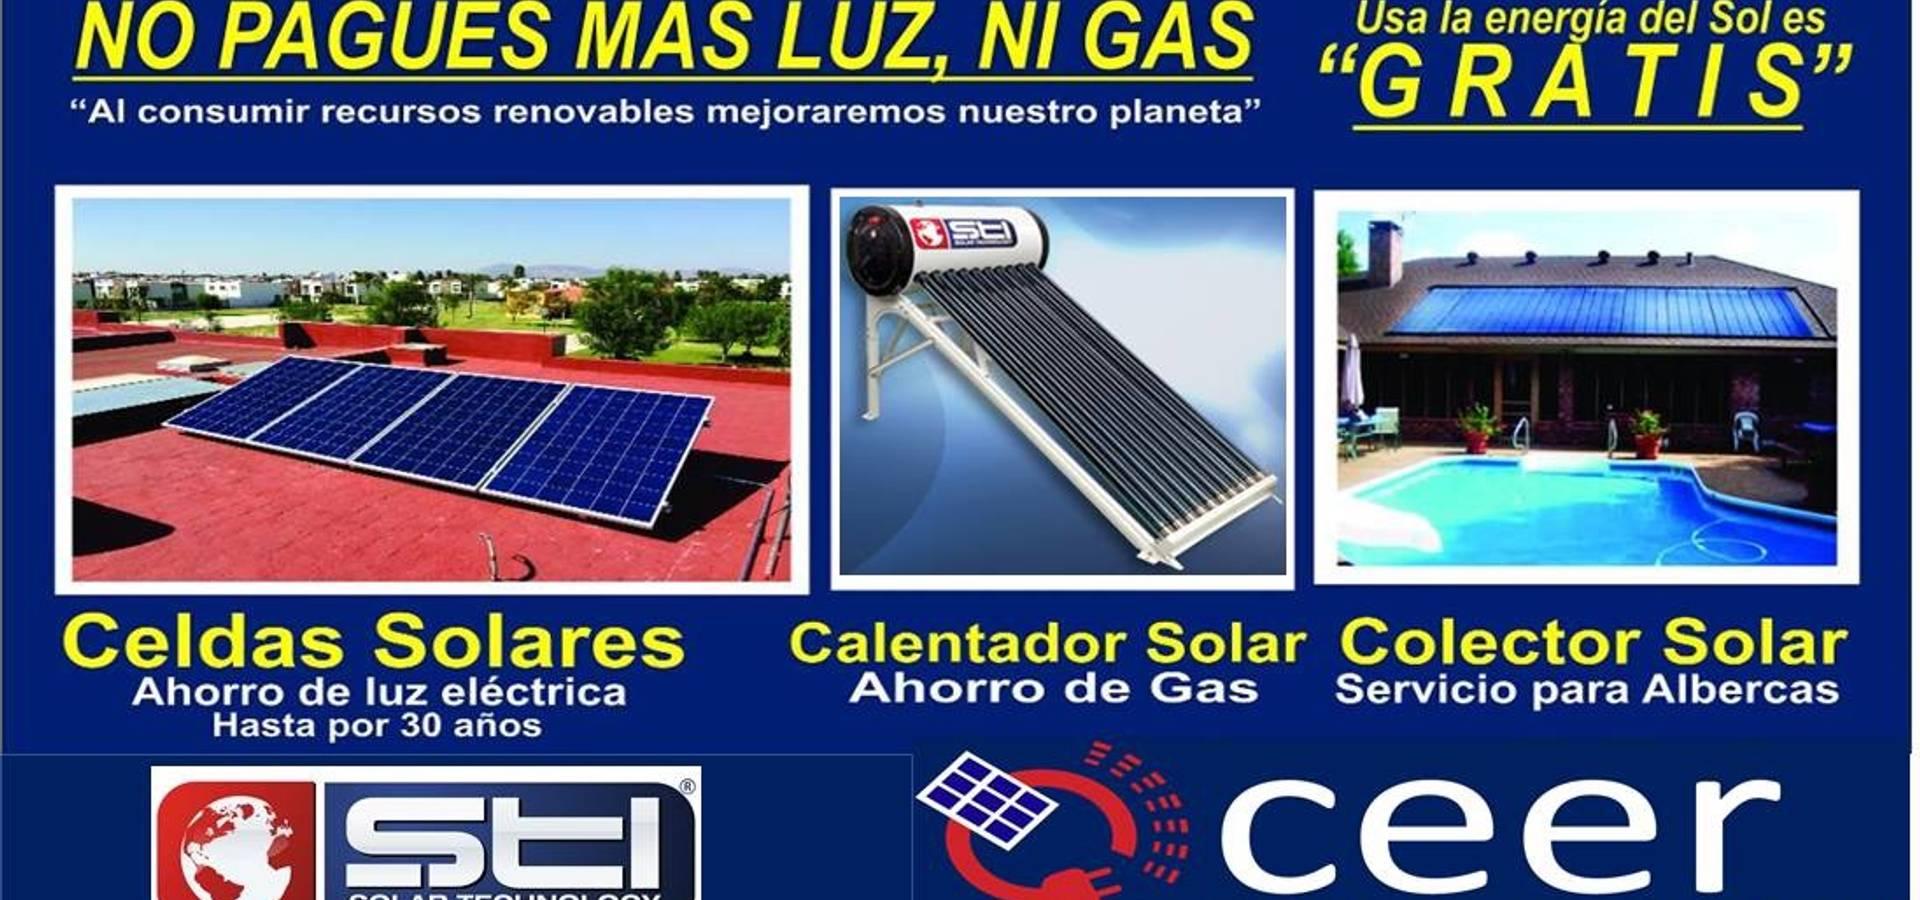 Centro Estratégico de Energías Renovables